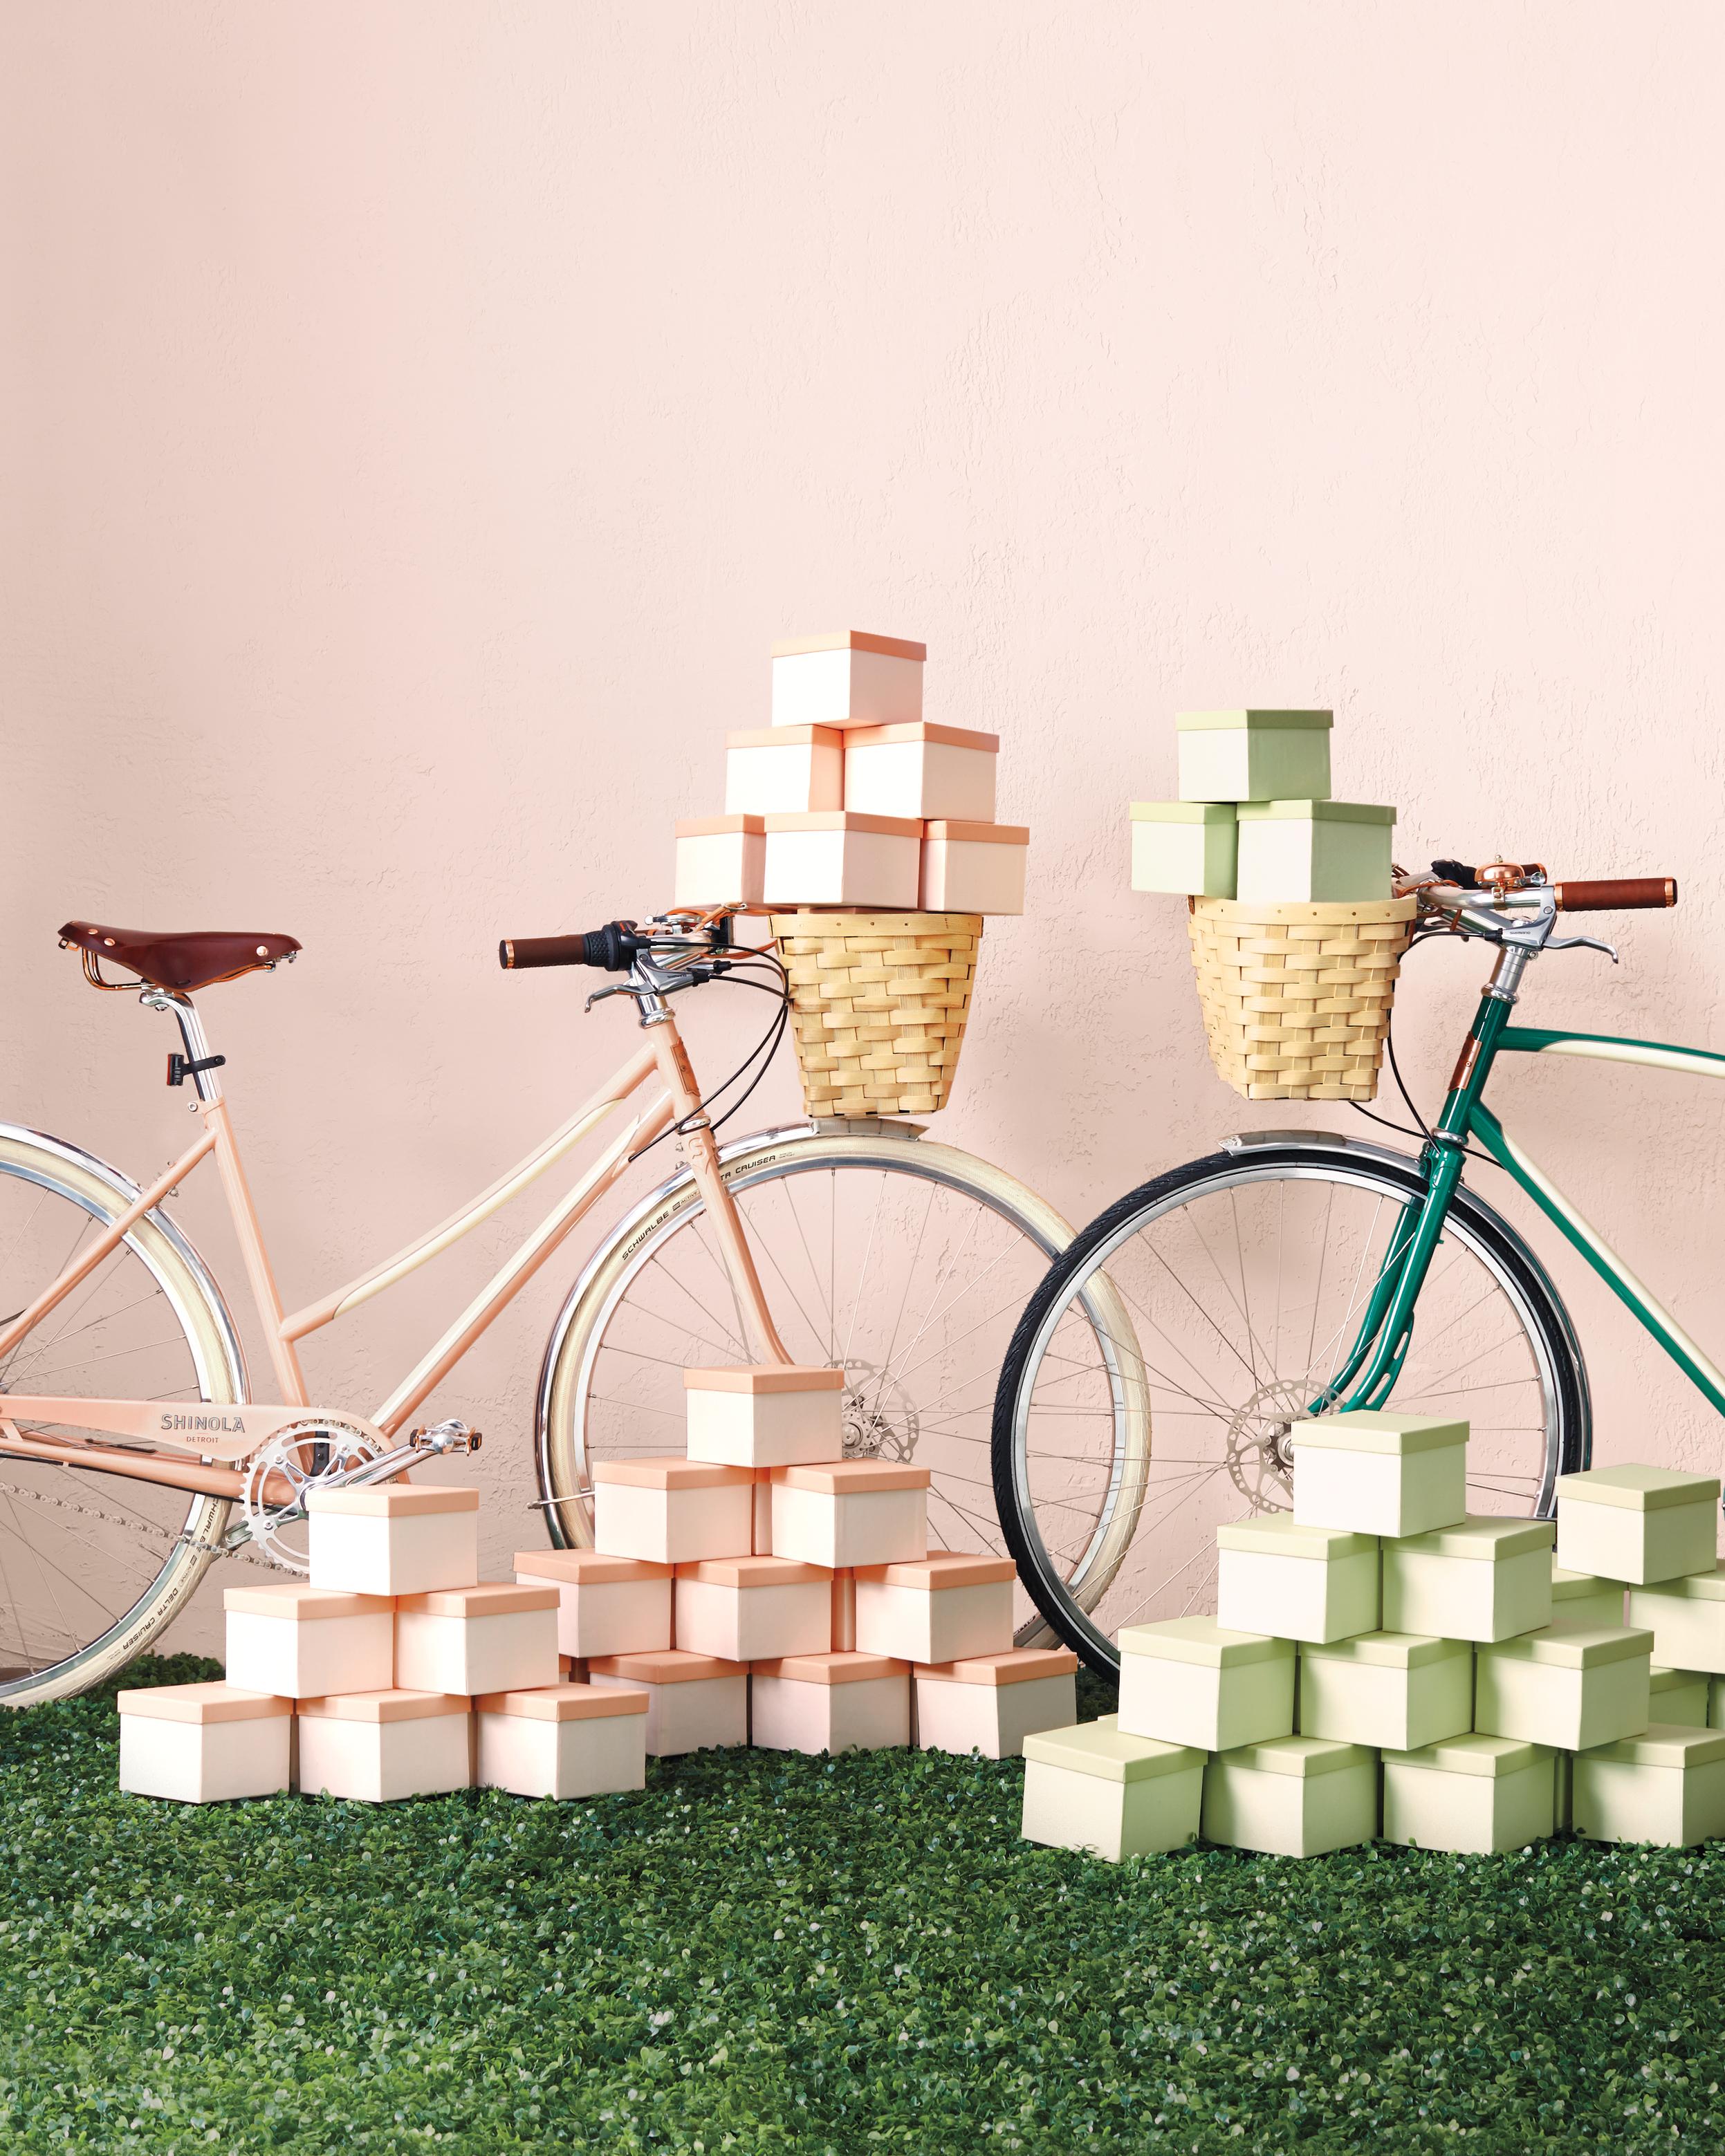 bicycle-570-d111274.jpg